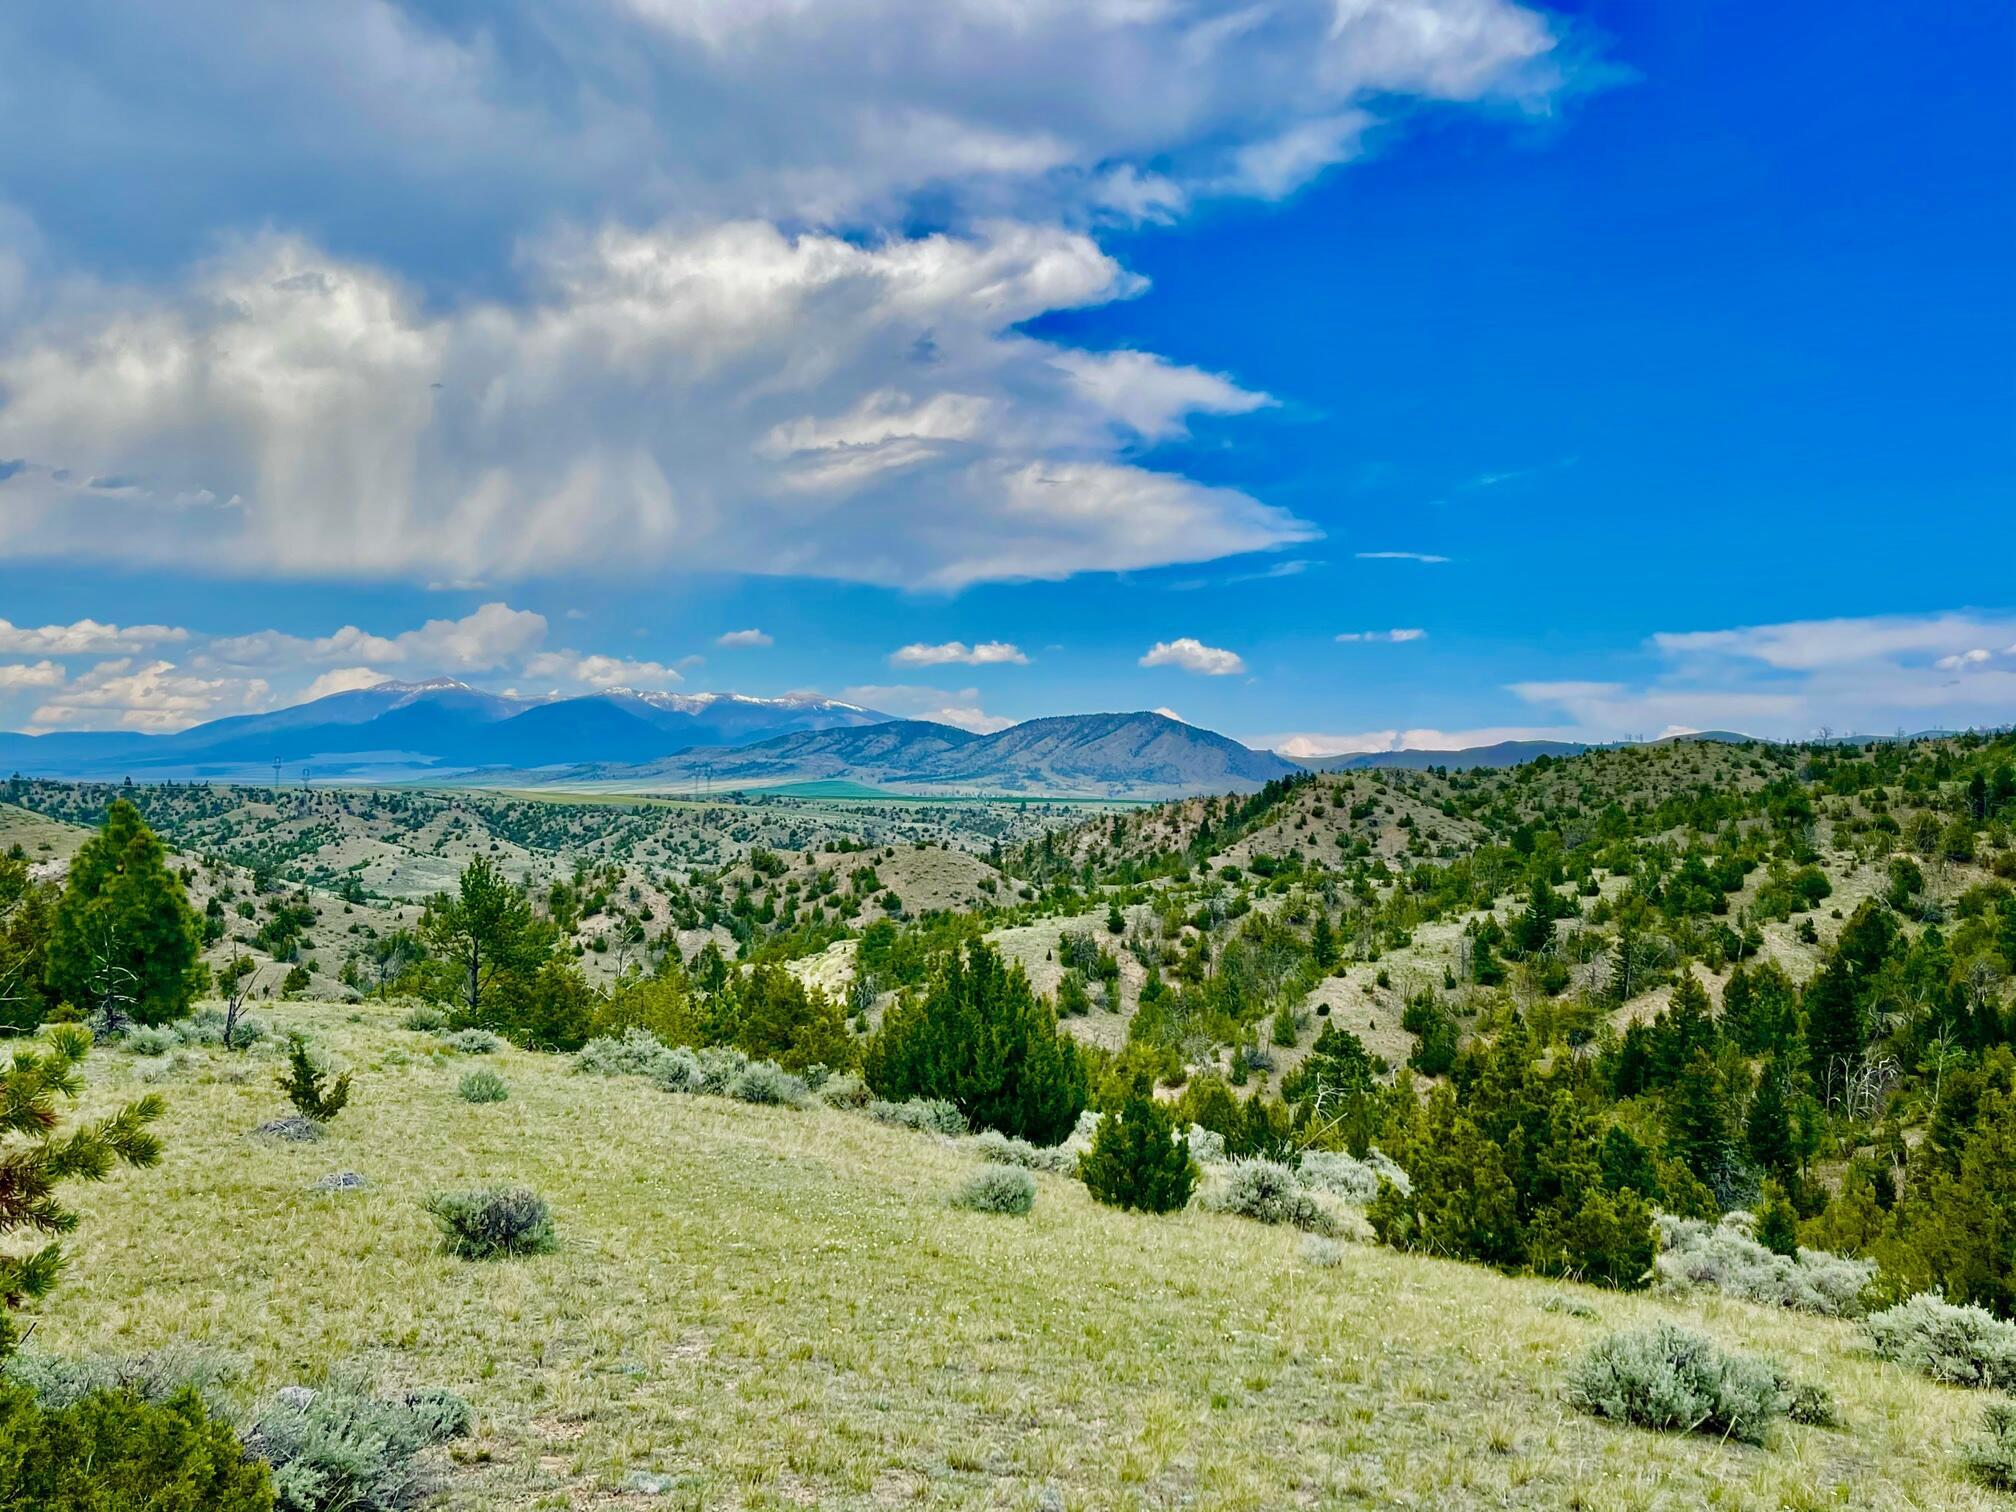 Tbd Dry Creek Road, Townsend, MT 59644